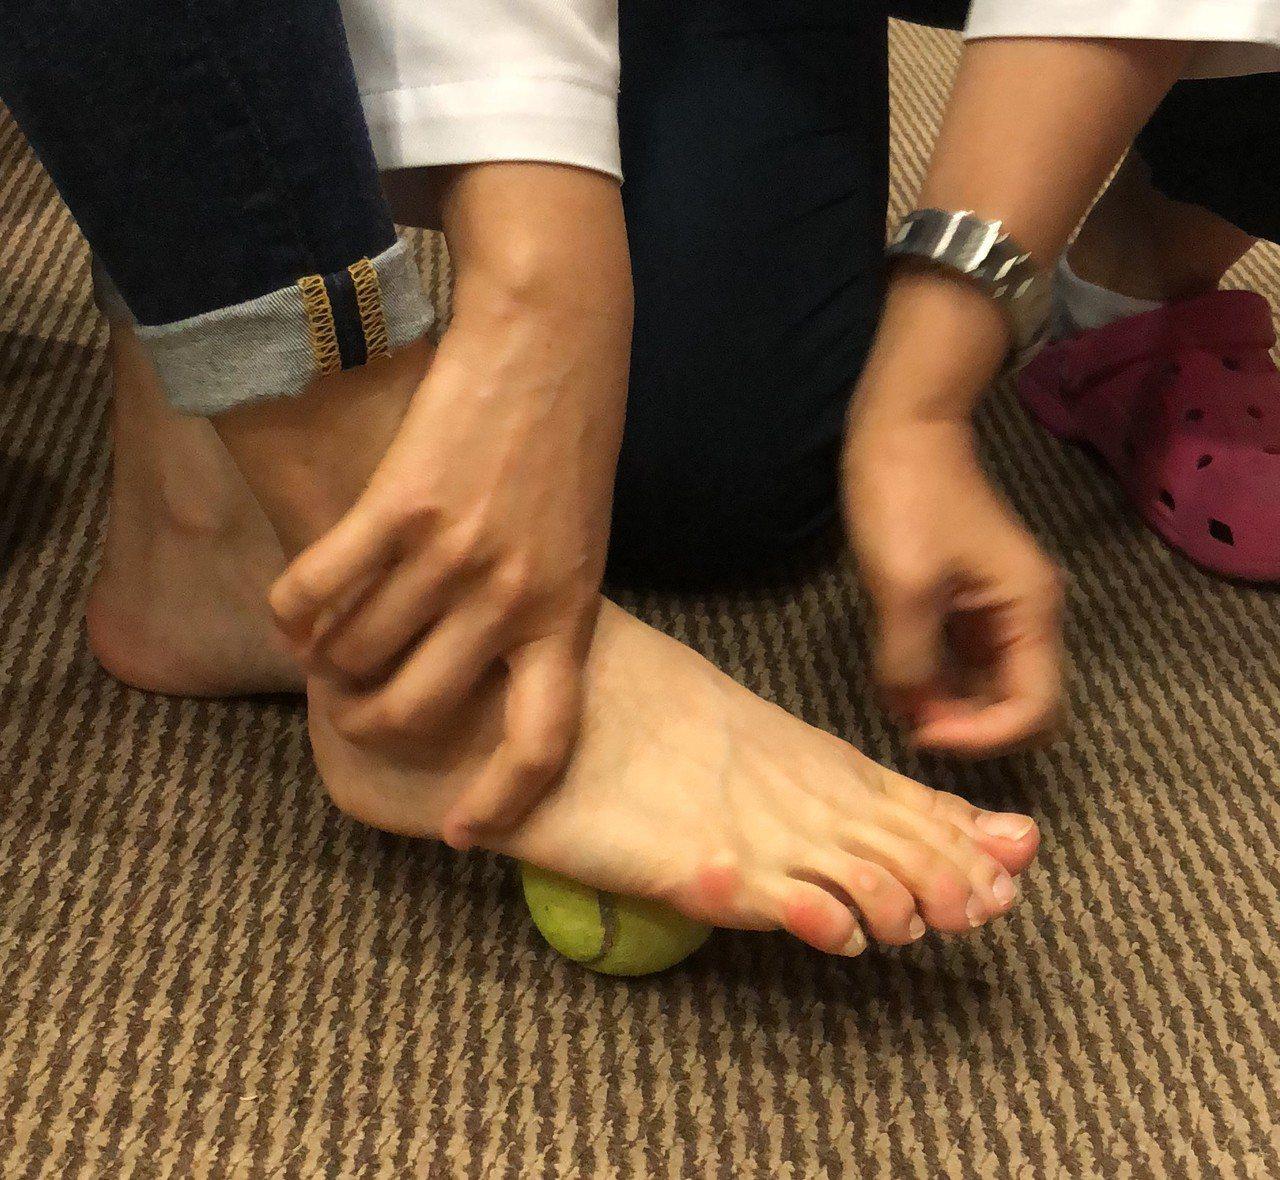 居家保養可以進行肌力和伸展訓練,如可利用腳底抓毛巾、展腳底肌腱伸展等。記者游明煌...